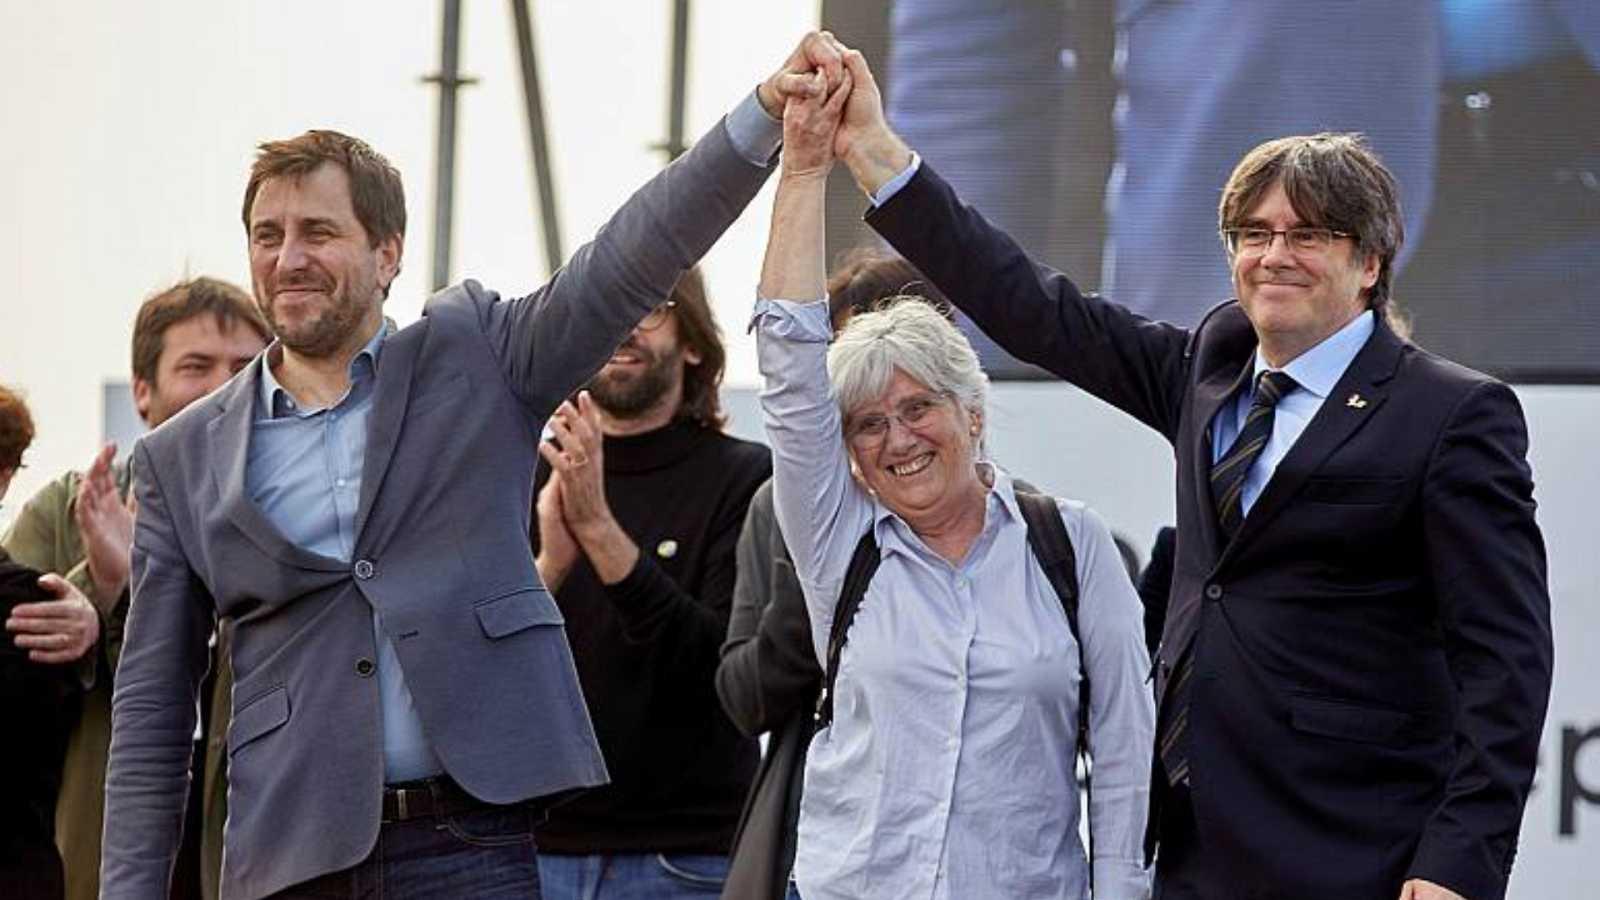 24 horas - La Comisión del Parlamento Europeo recomienda levantar la inmunidad a Puigdemont - Escuchar ahora